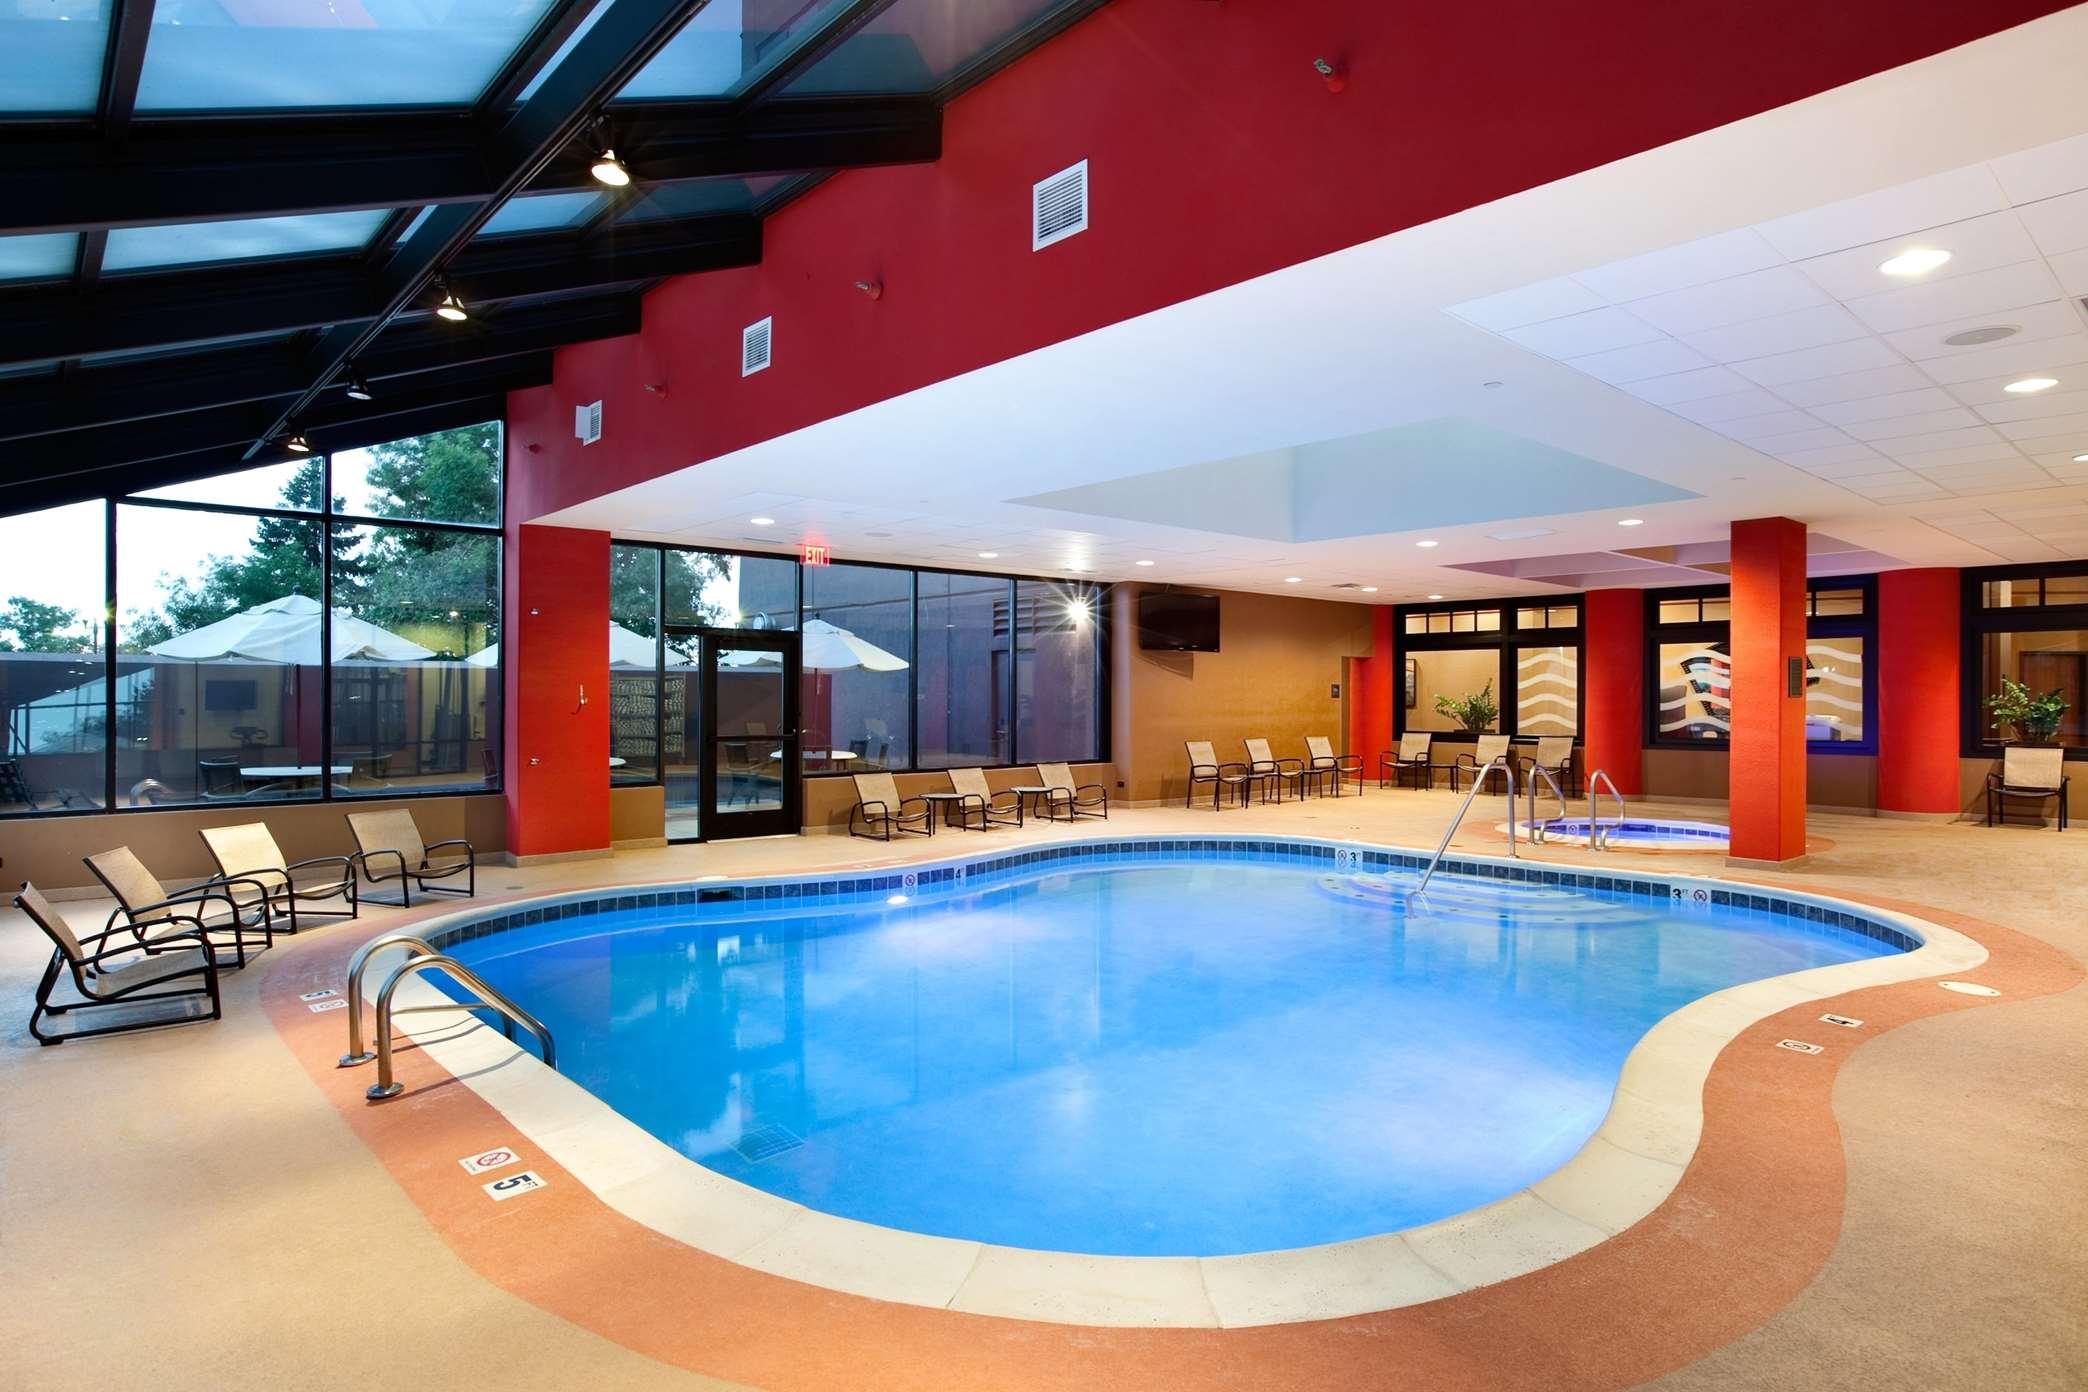 Hilton Chicago/Oak Brook Suites image 2